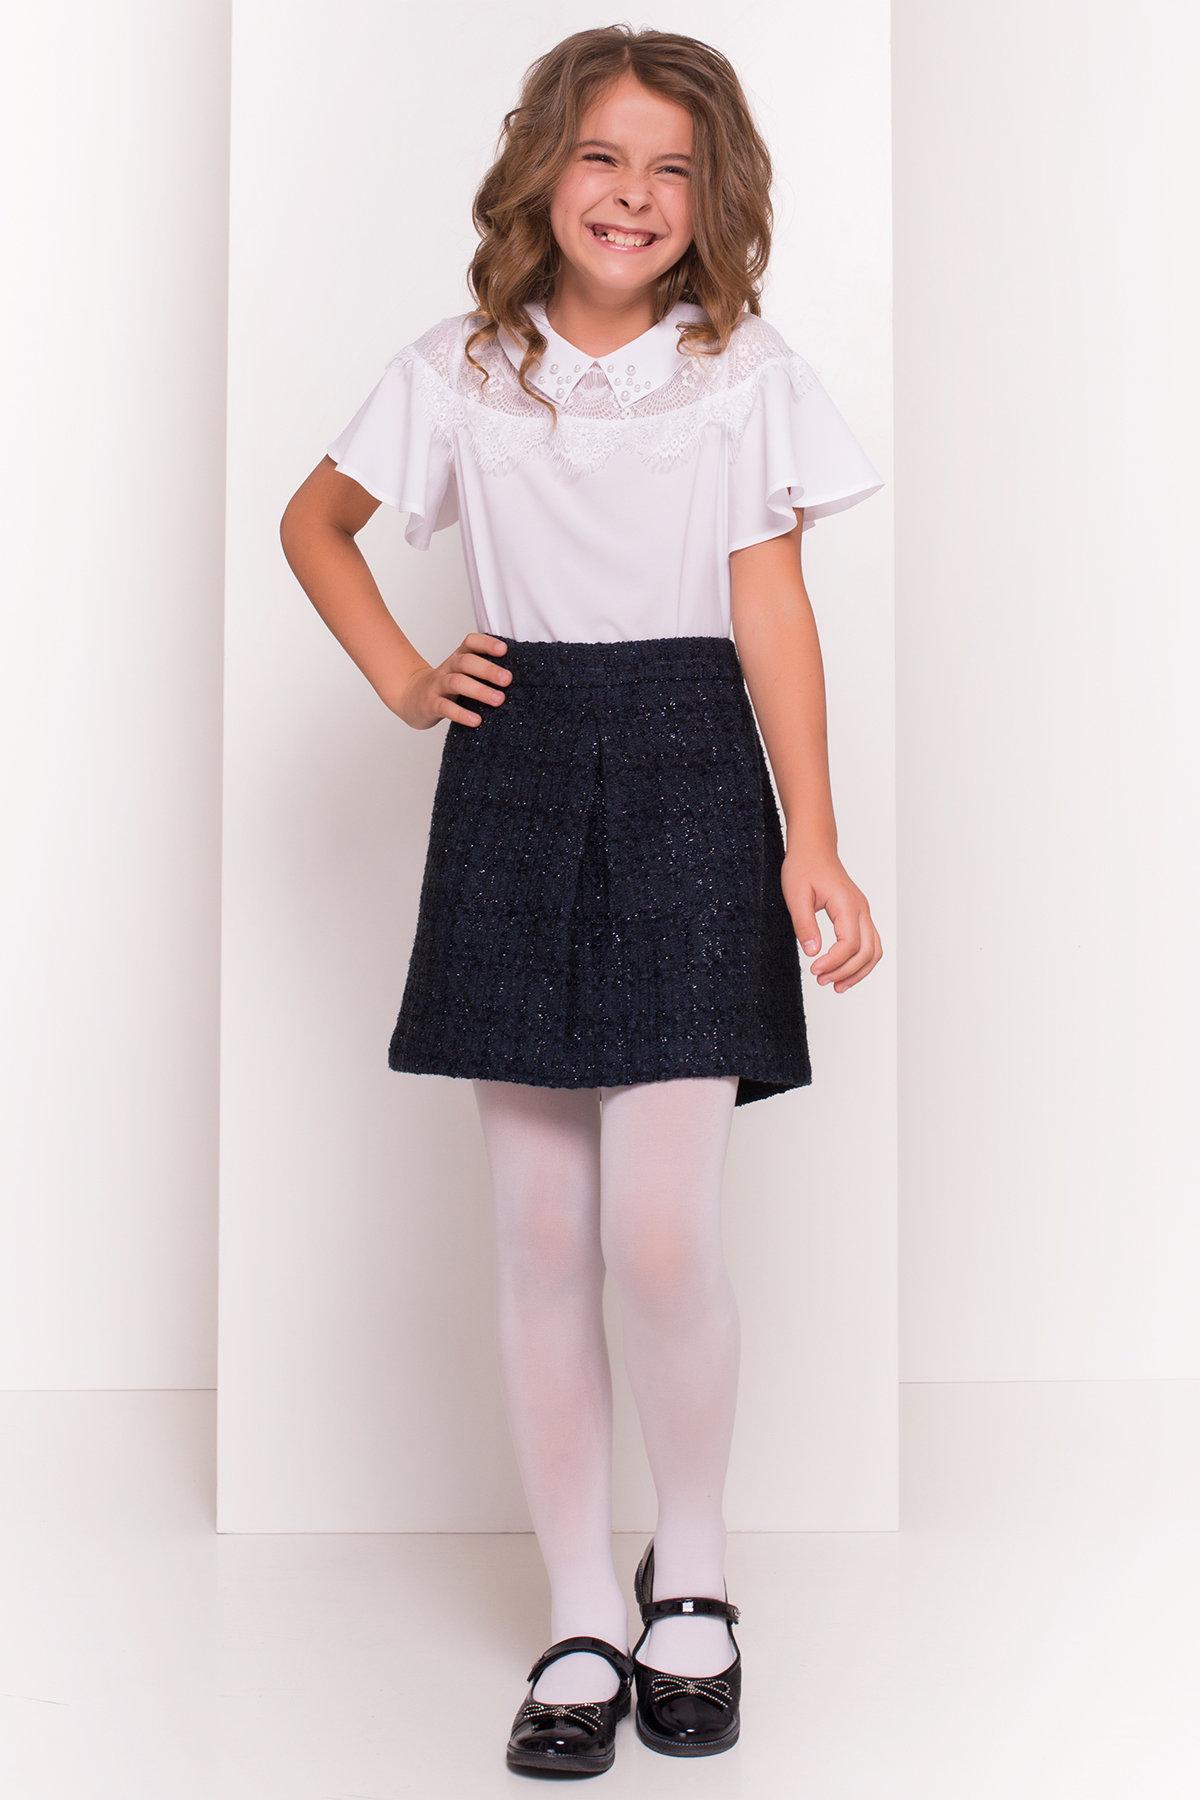 Блузка детская Ореанда 5193 АРТ. 36280 Цвет: Белый - фото 2, интернет магазин tm-modus.ru